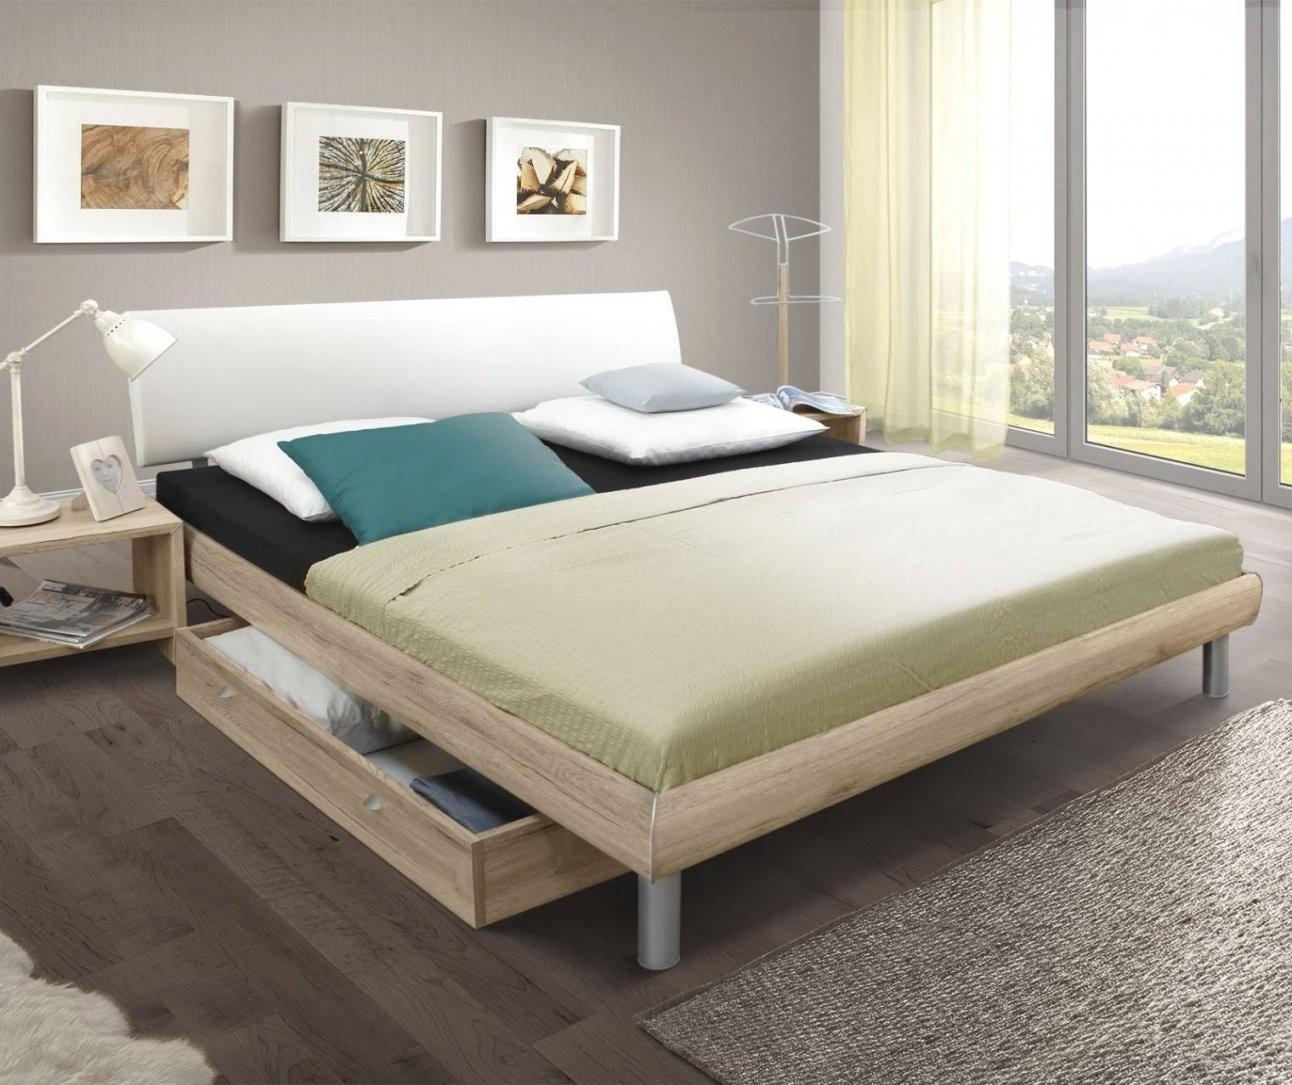 Ausklappbare Matratze Luxus Bett 180×200 Komplett Mit Lattenrost Und von Bett 180X200 Komplett Mit Lattenrost Und Matratze Photo